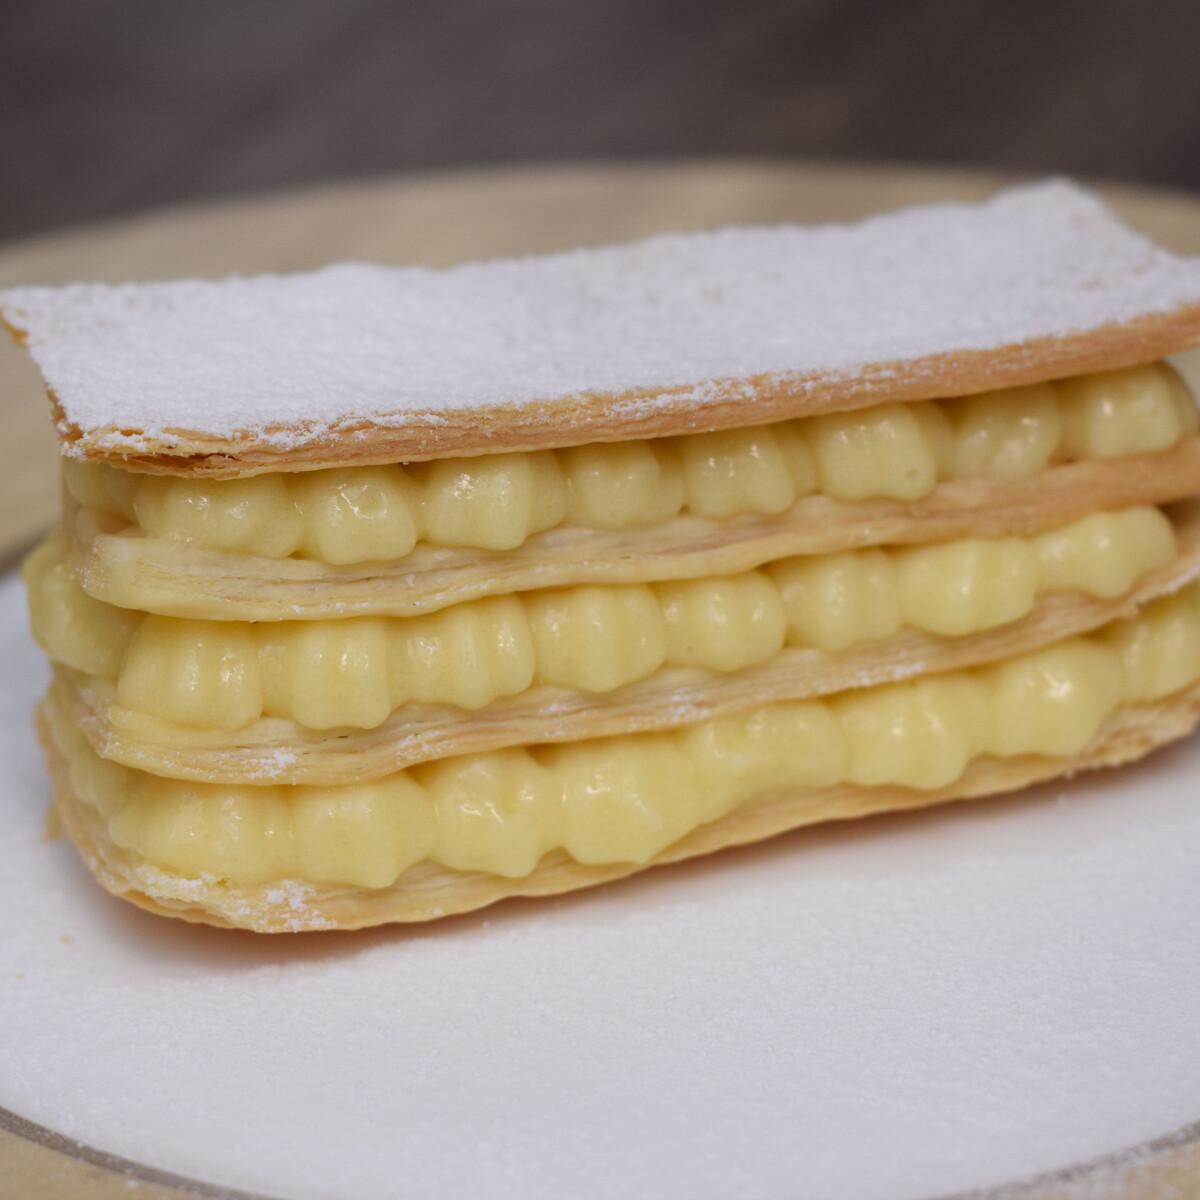 Ezen a képen: Mille-Feuille, az ezerlapú sütemény